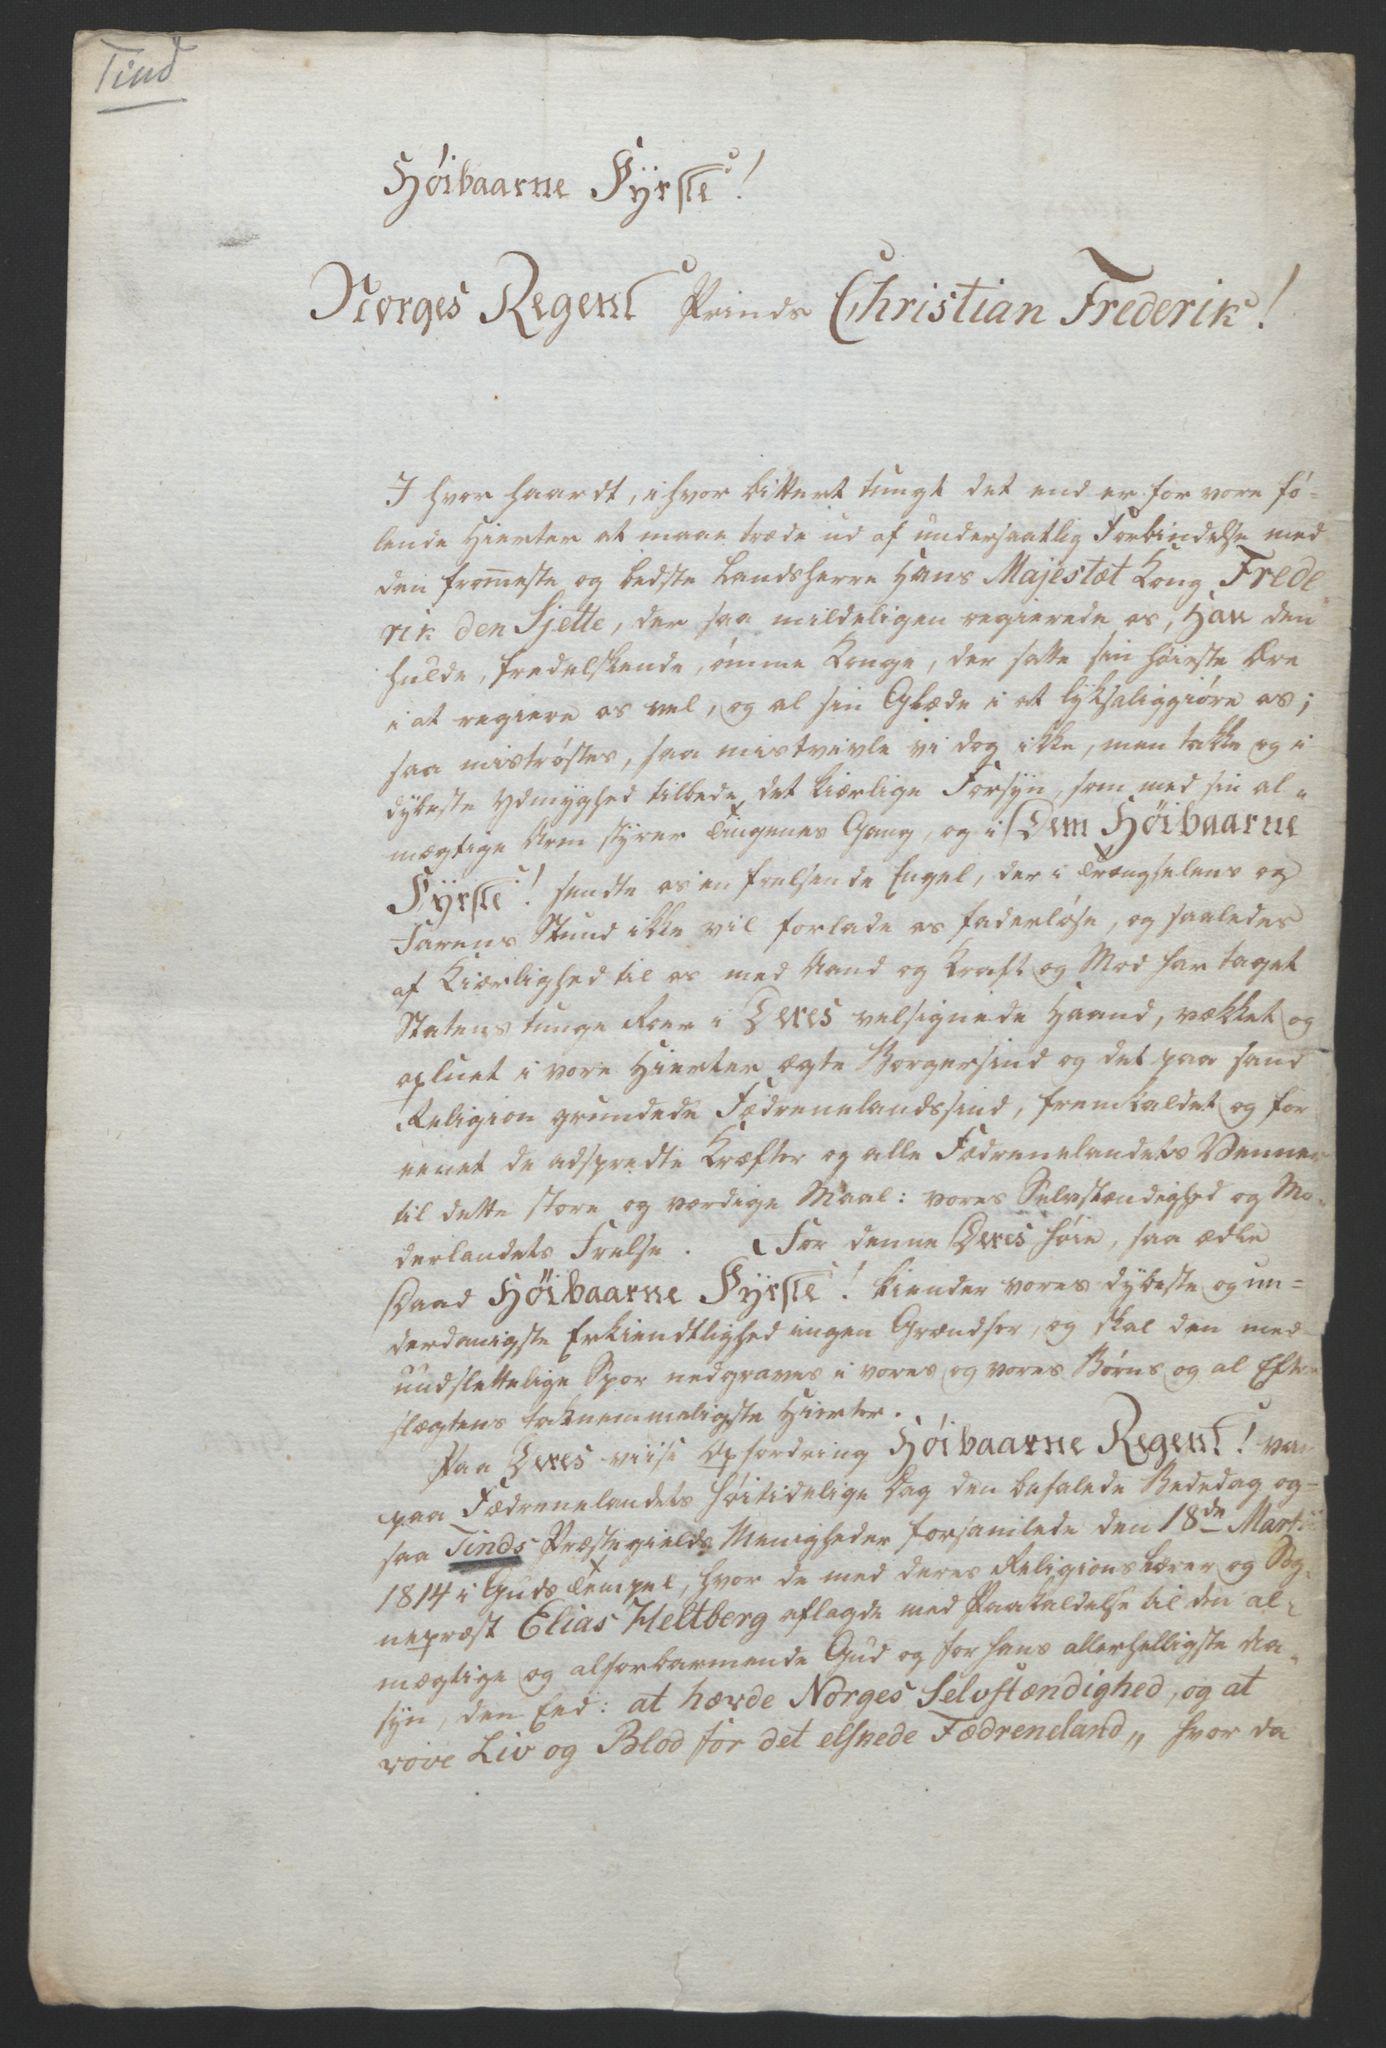 RA, Statsrådssekretariatet, D/Db/L0008: Fullmakter for Eidsvollsrepresentantene i 1814. , 1814, s. 70